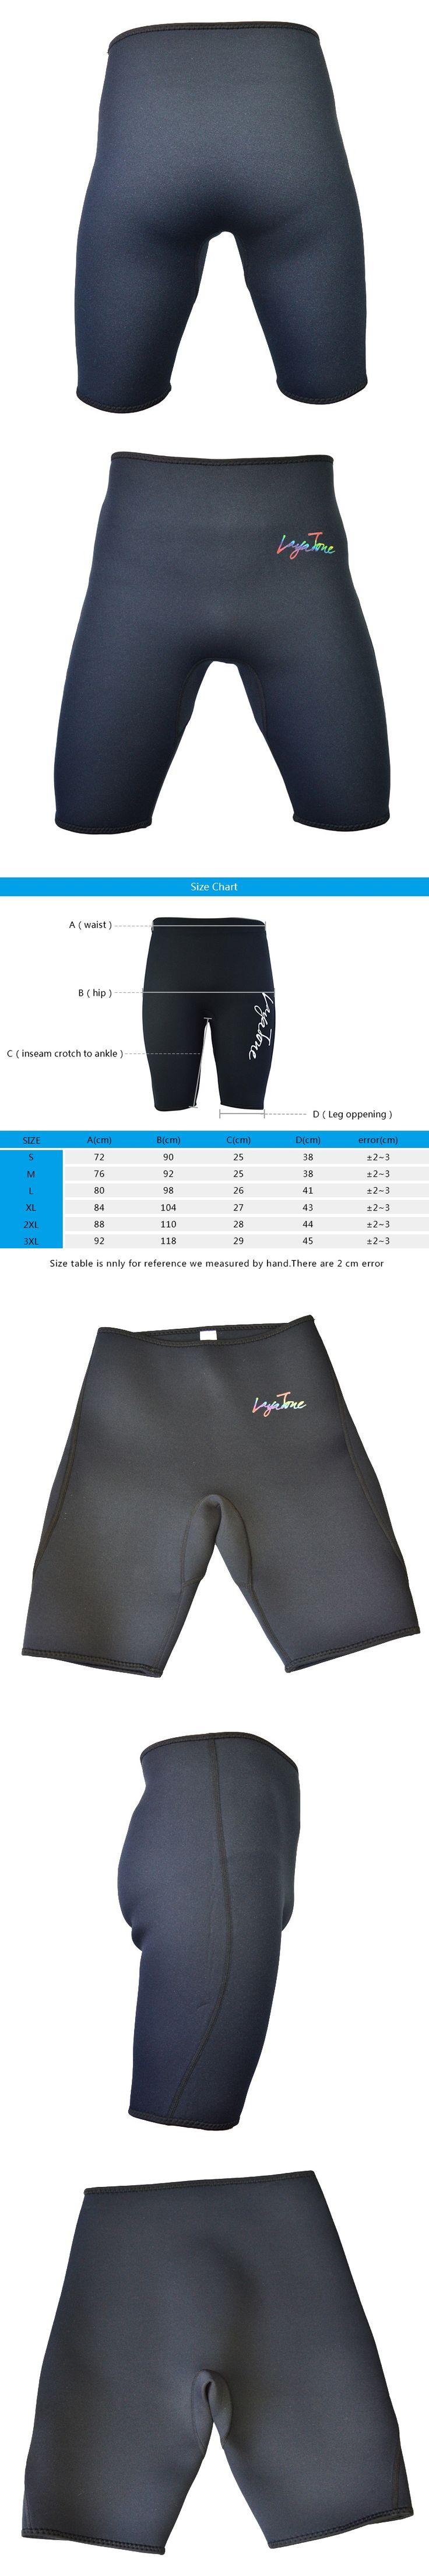 Layatone black Men Women 3mm Neoprene Surfing Wetsui Shorts Wet Suit Pants K1602D